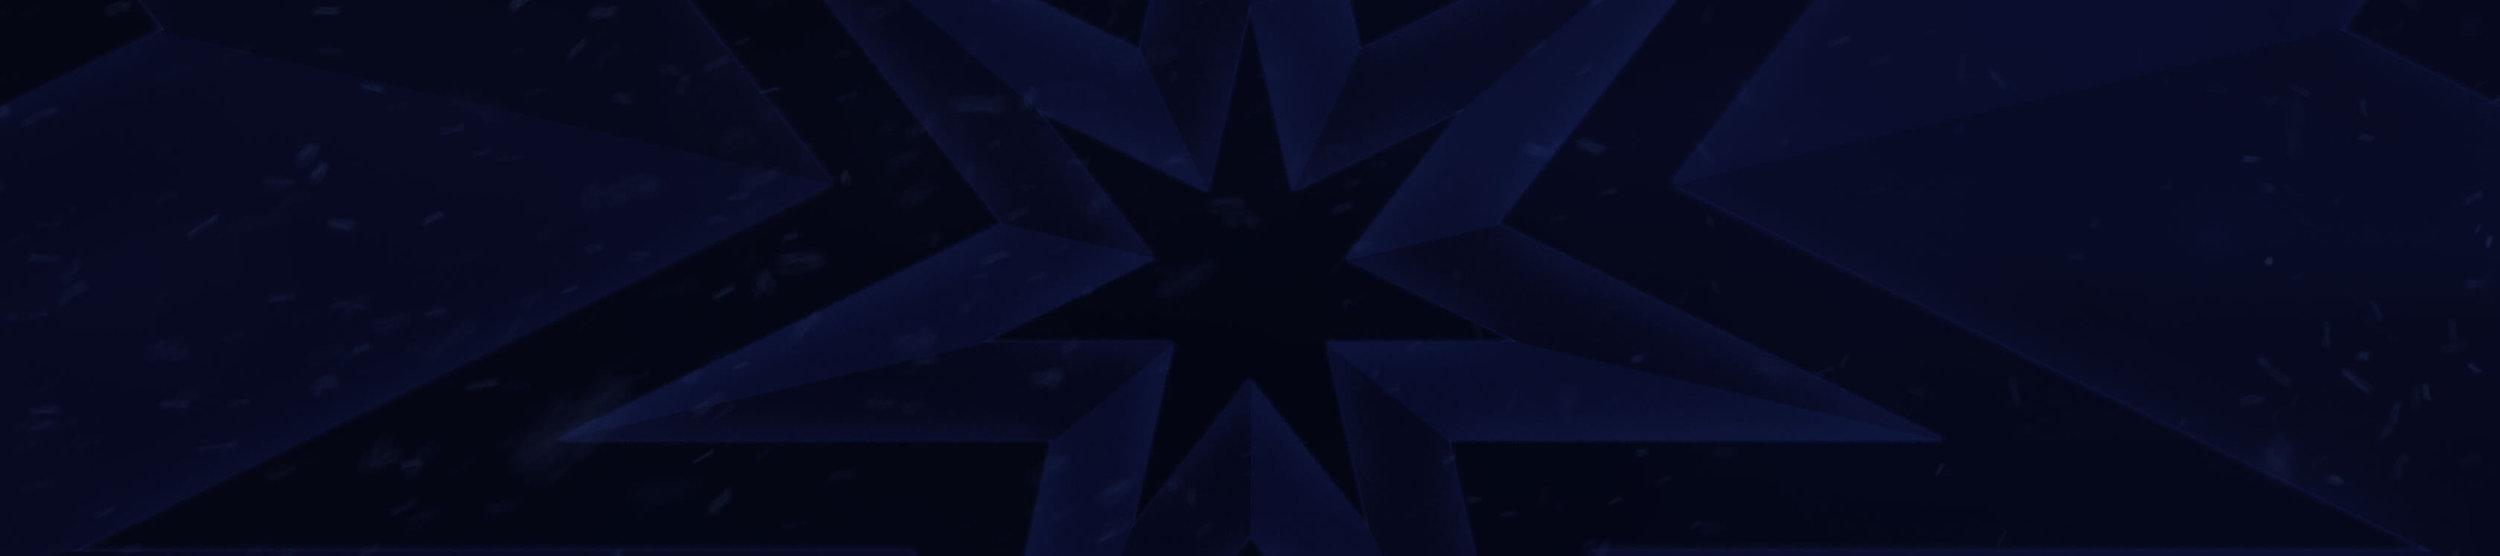 Snow-Header-02.jpg